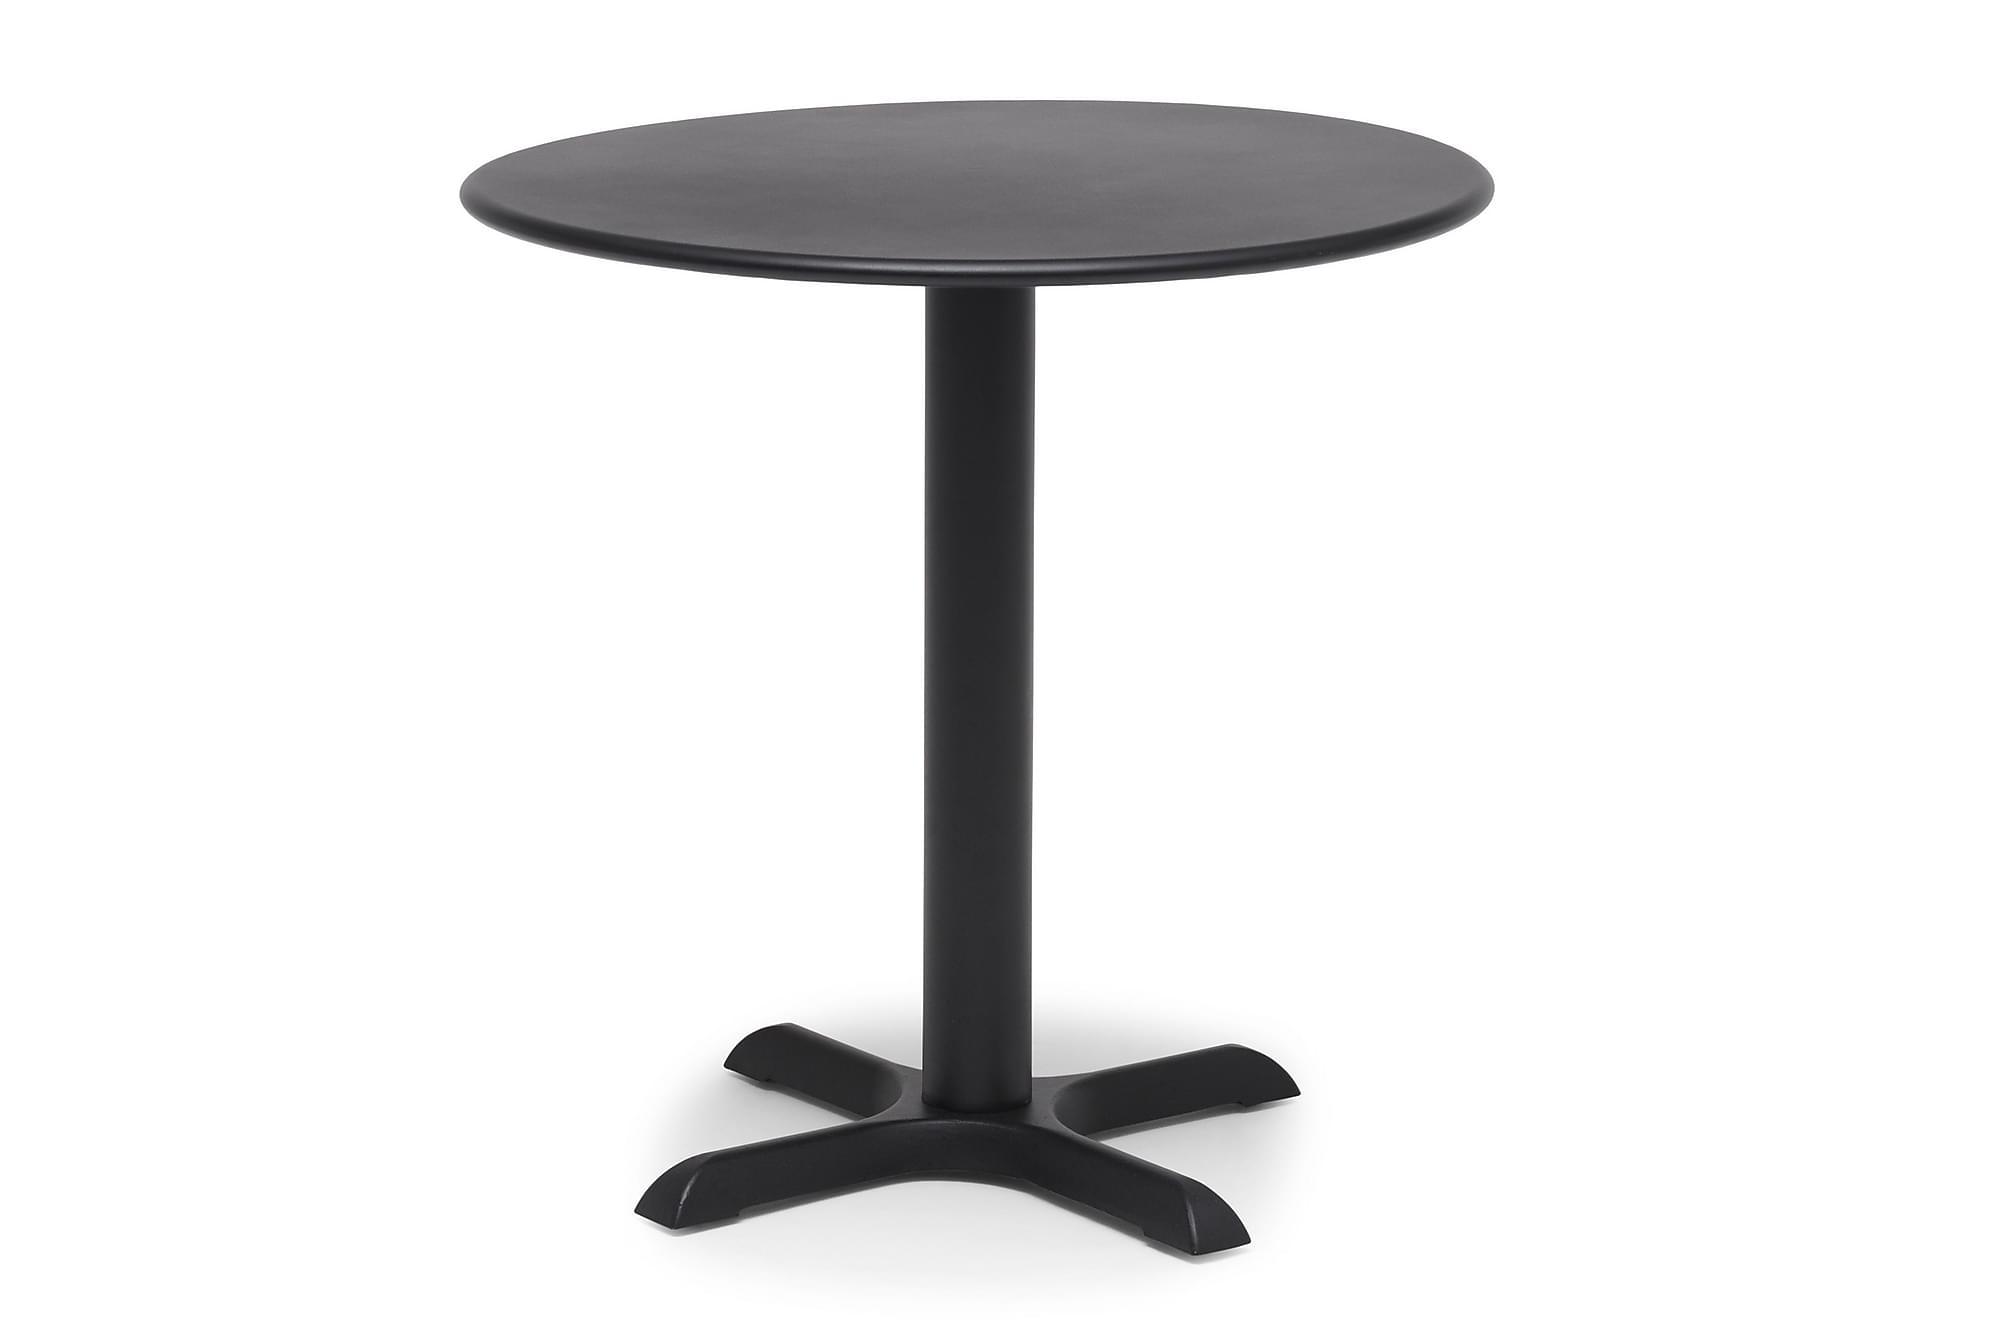 HILLERSTORP Äppelhed Cafébord, Cafebord